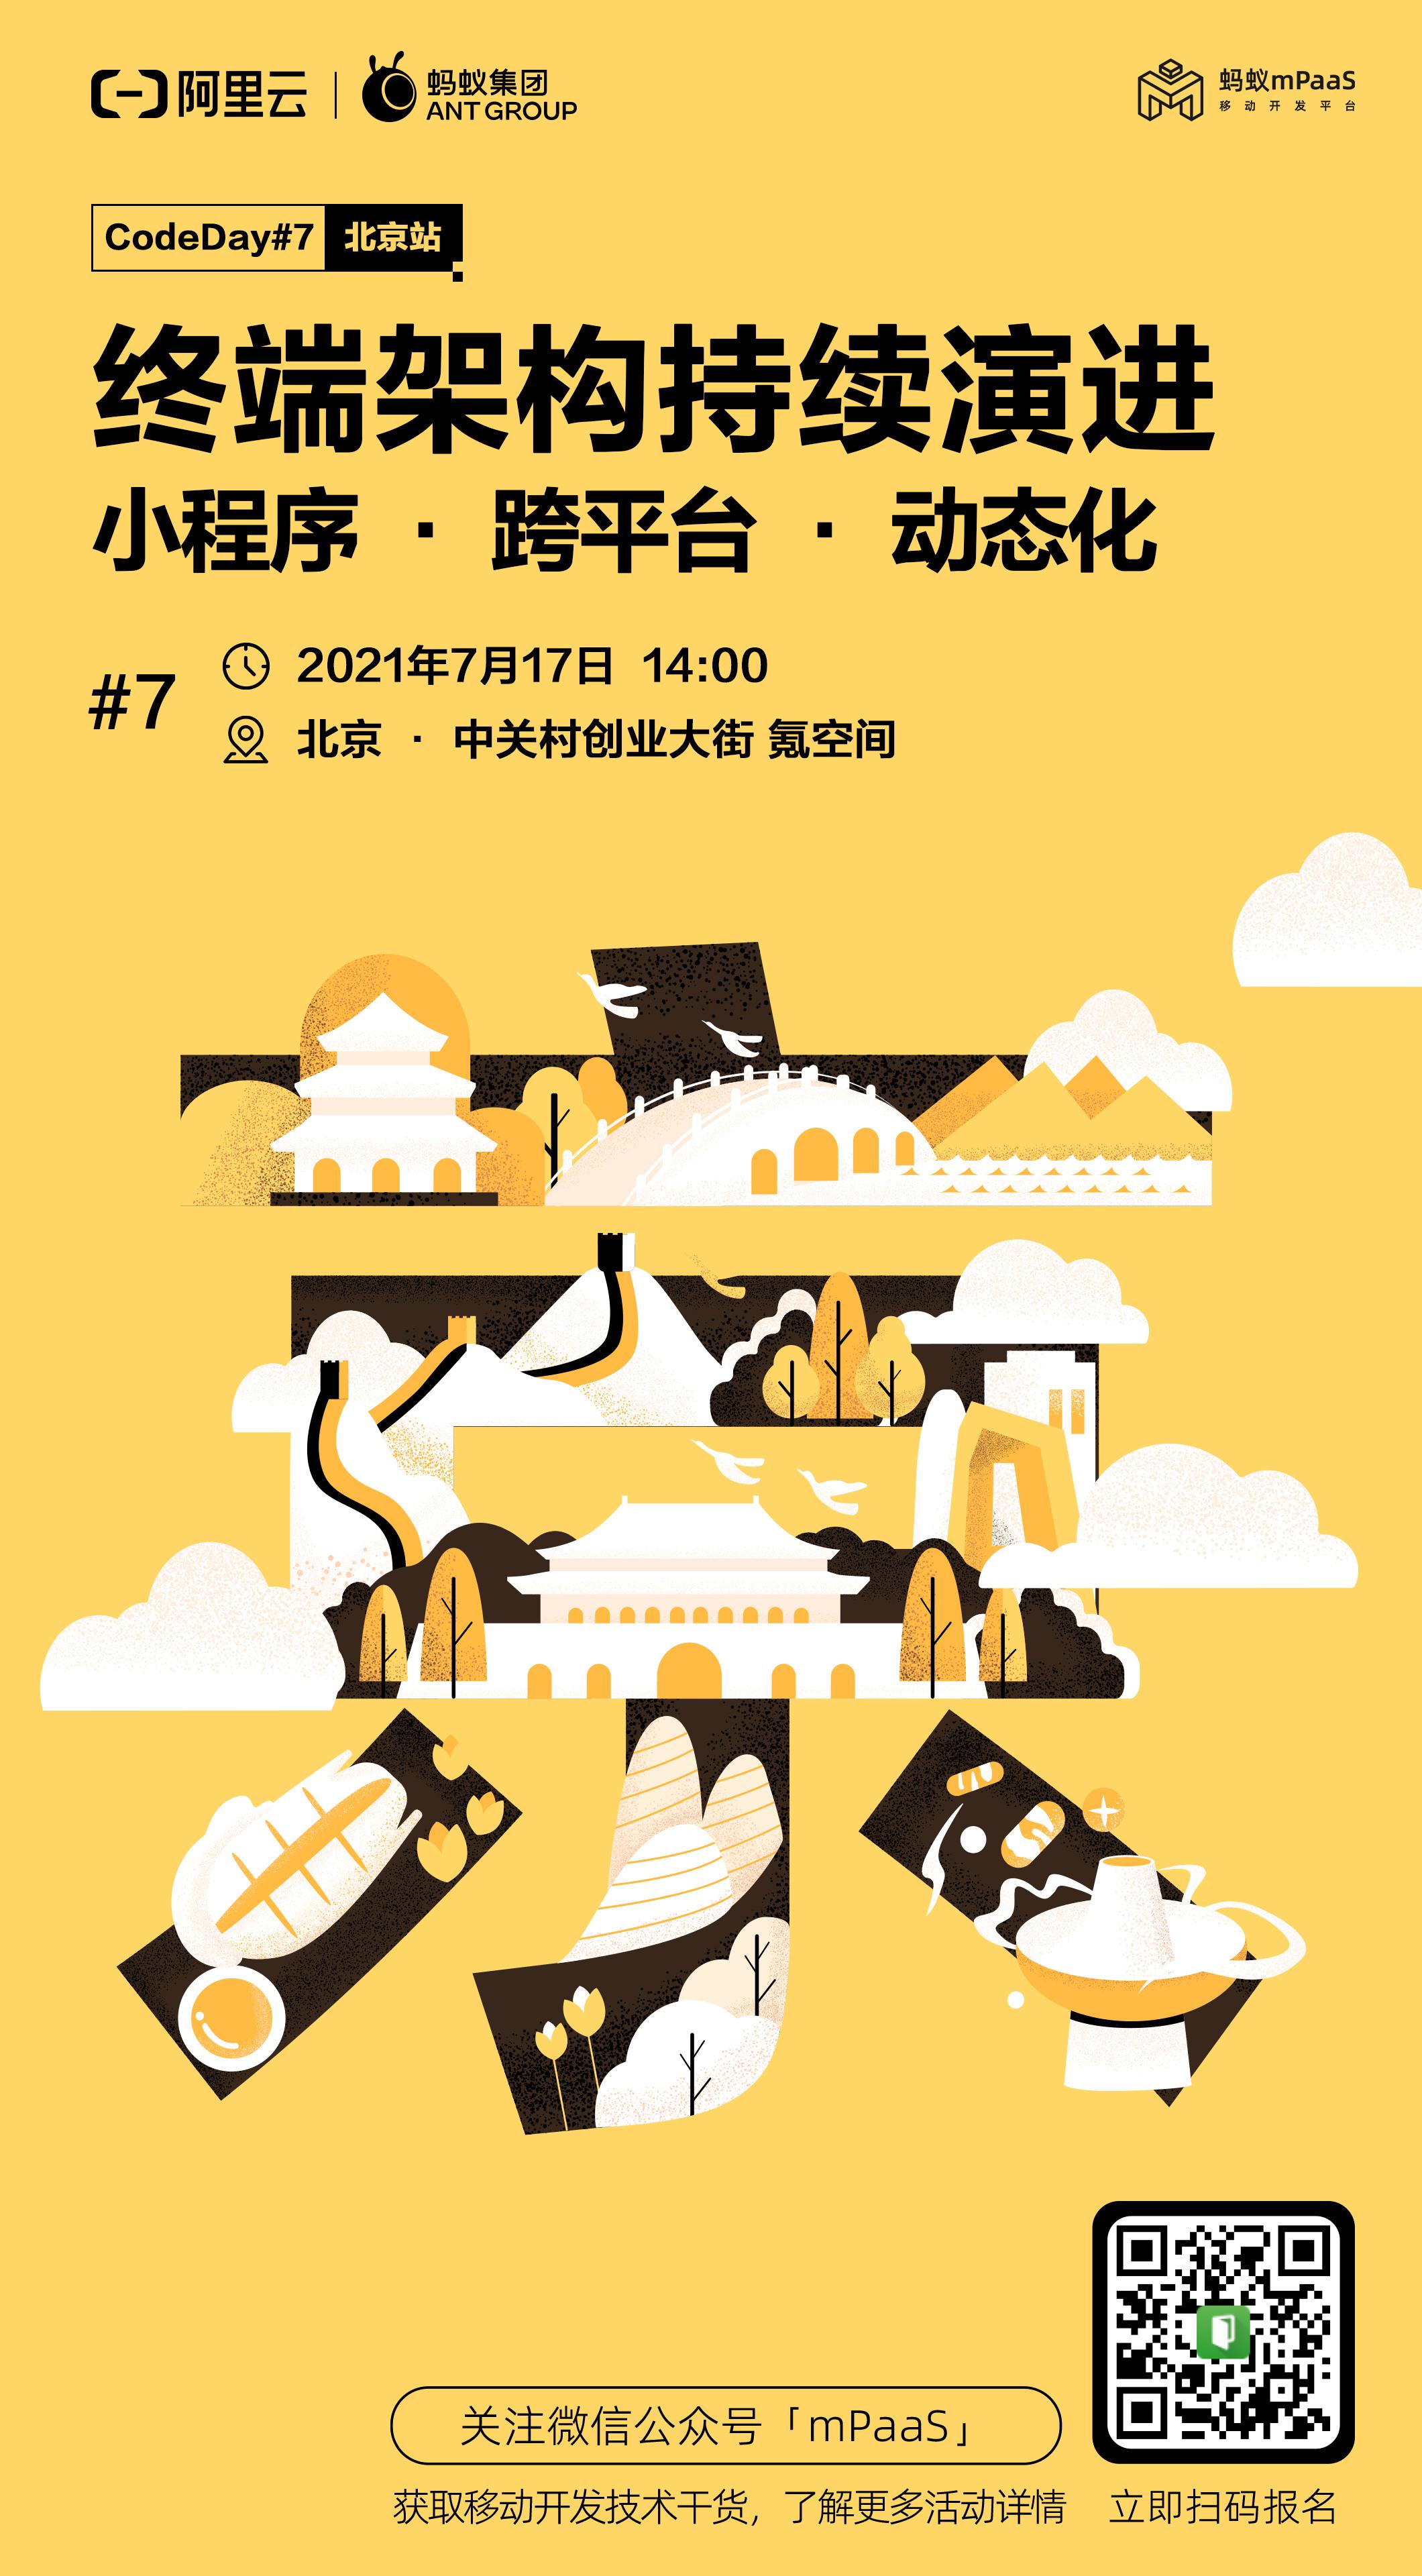 6.北京.jpg